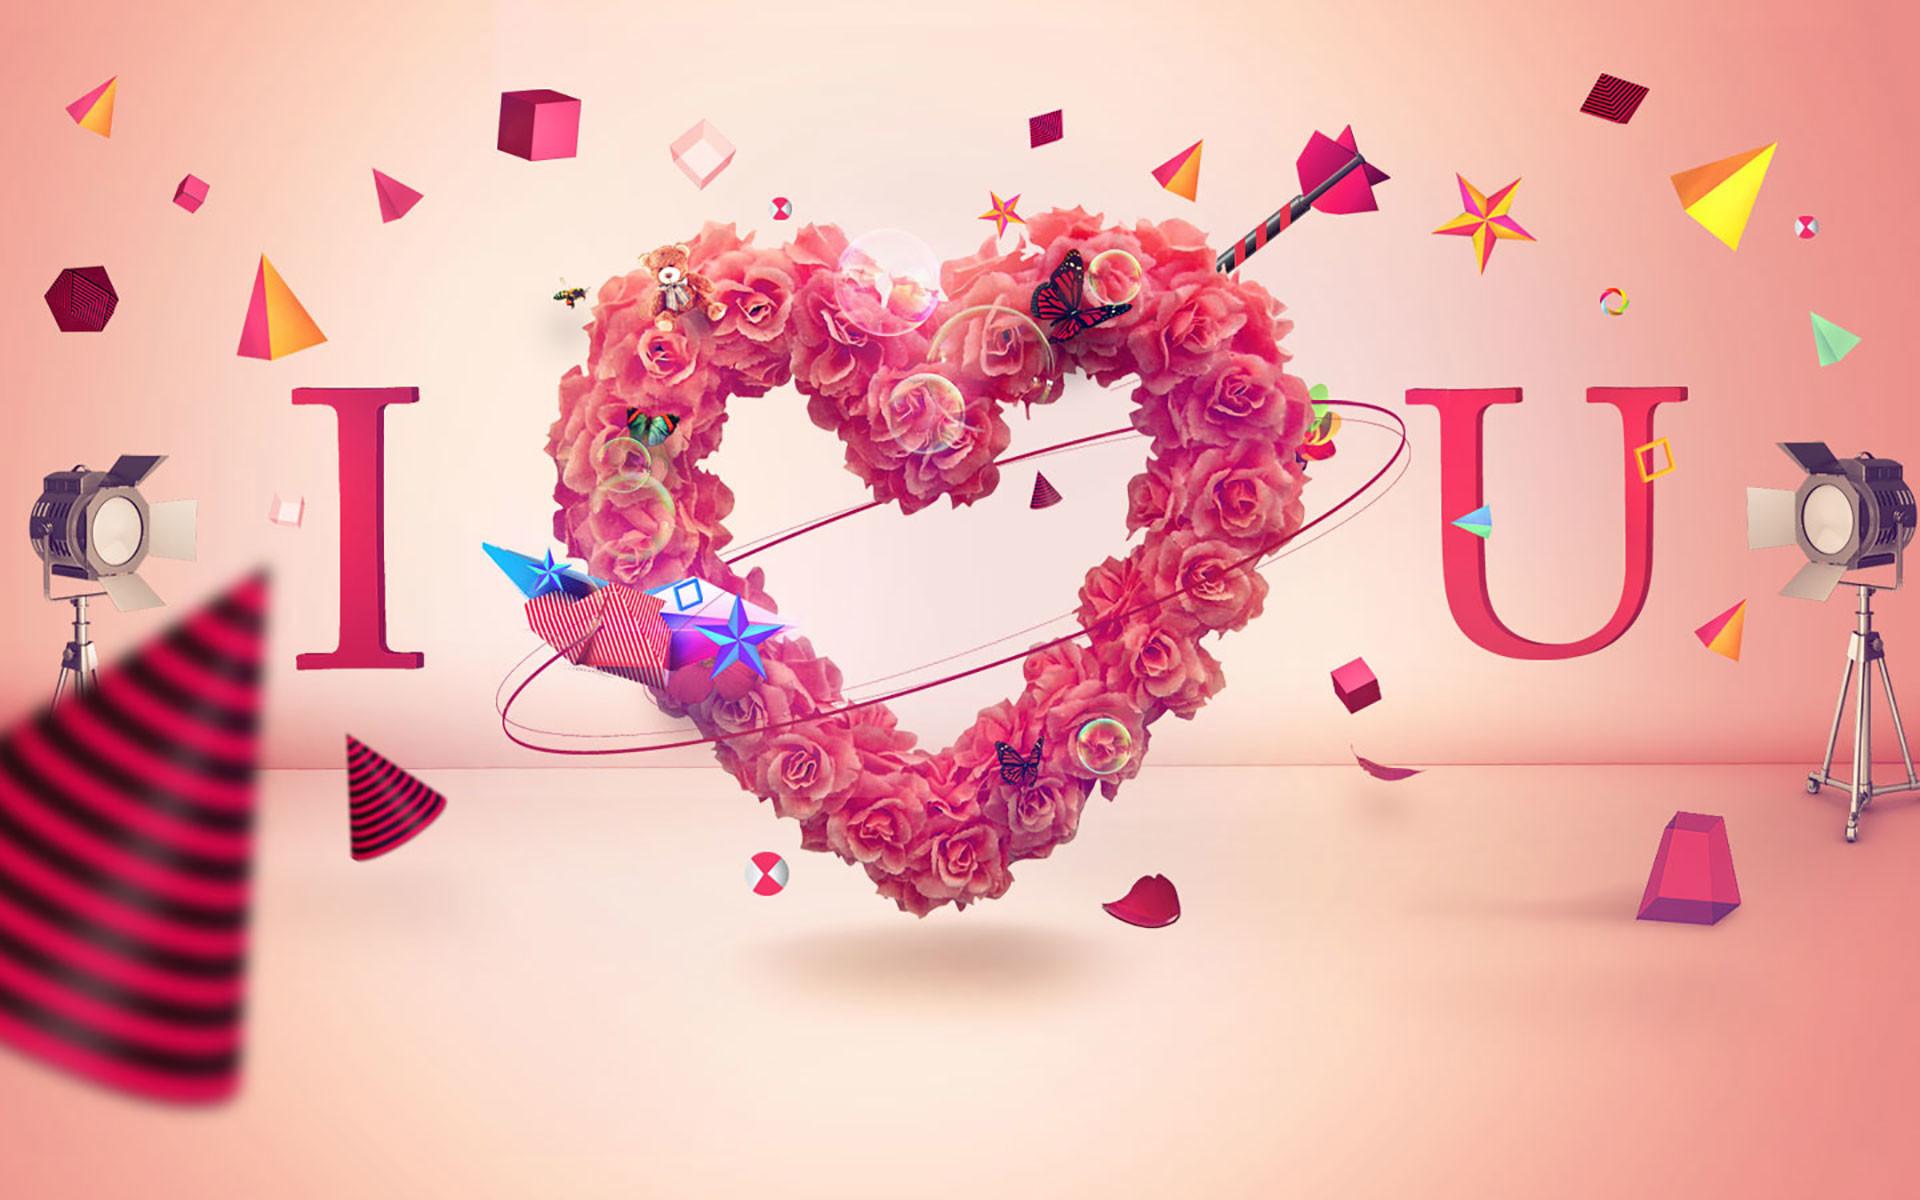 1920x1200, Best I Love U Wallpaper Free Download Hd - Love Photo Download Hd - HD Wallpaper